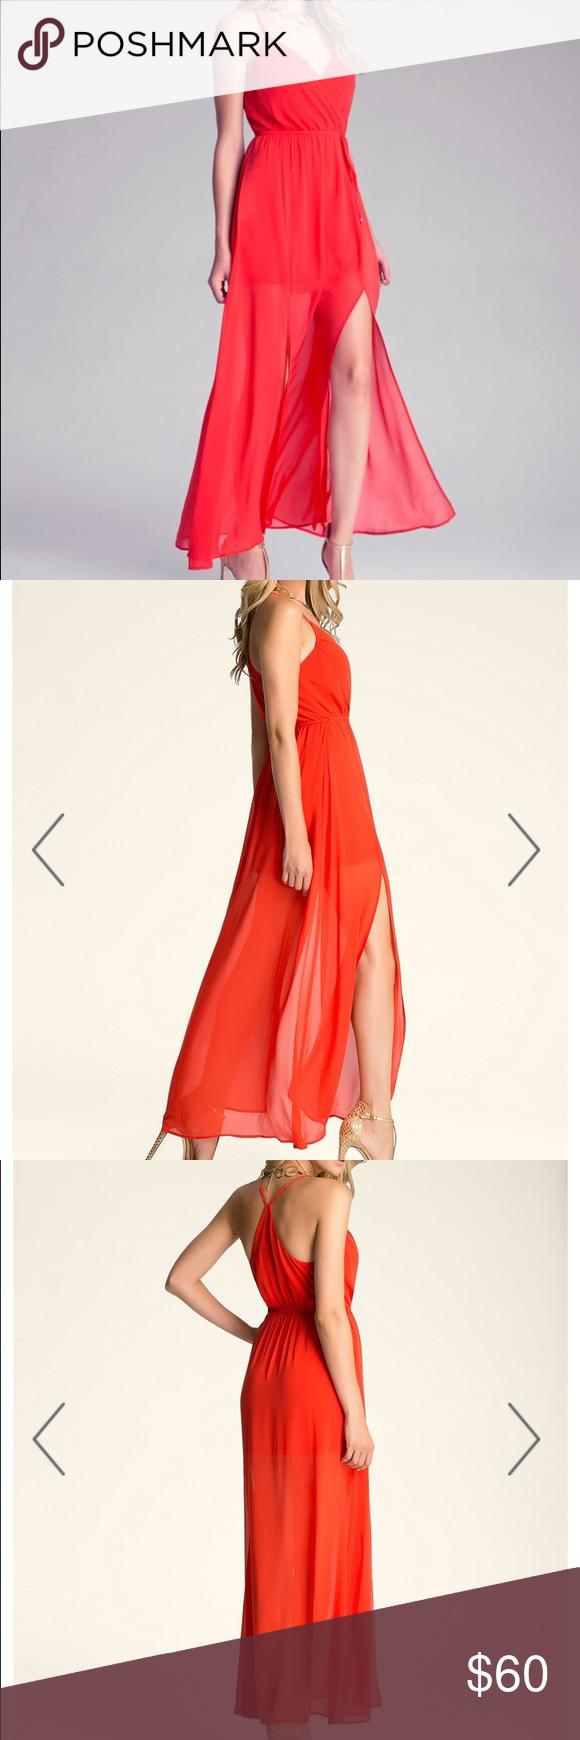 Bebe redorange chiffon dress size medium chiffon dress bebe and